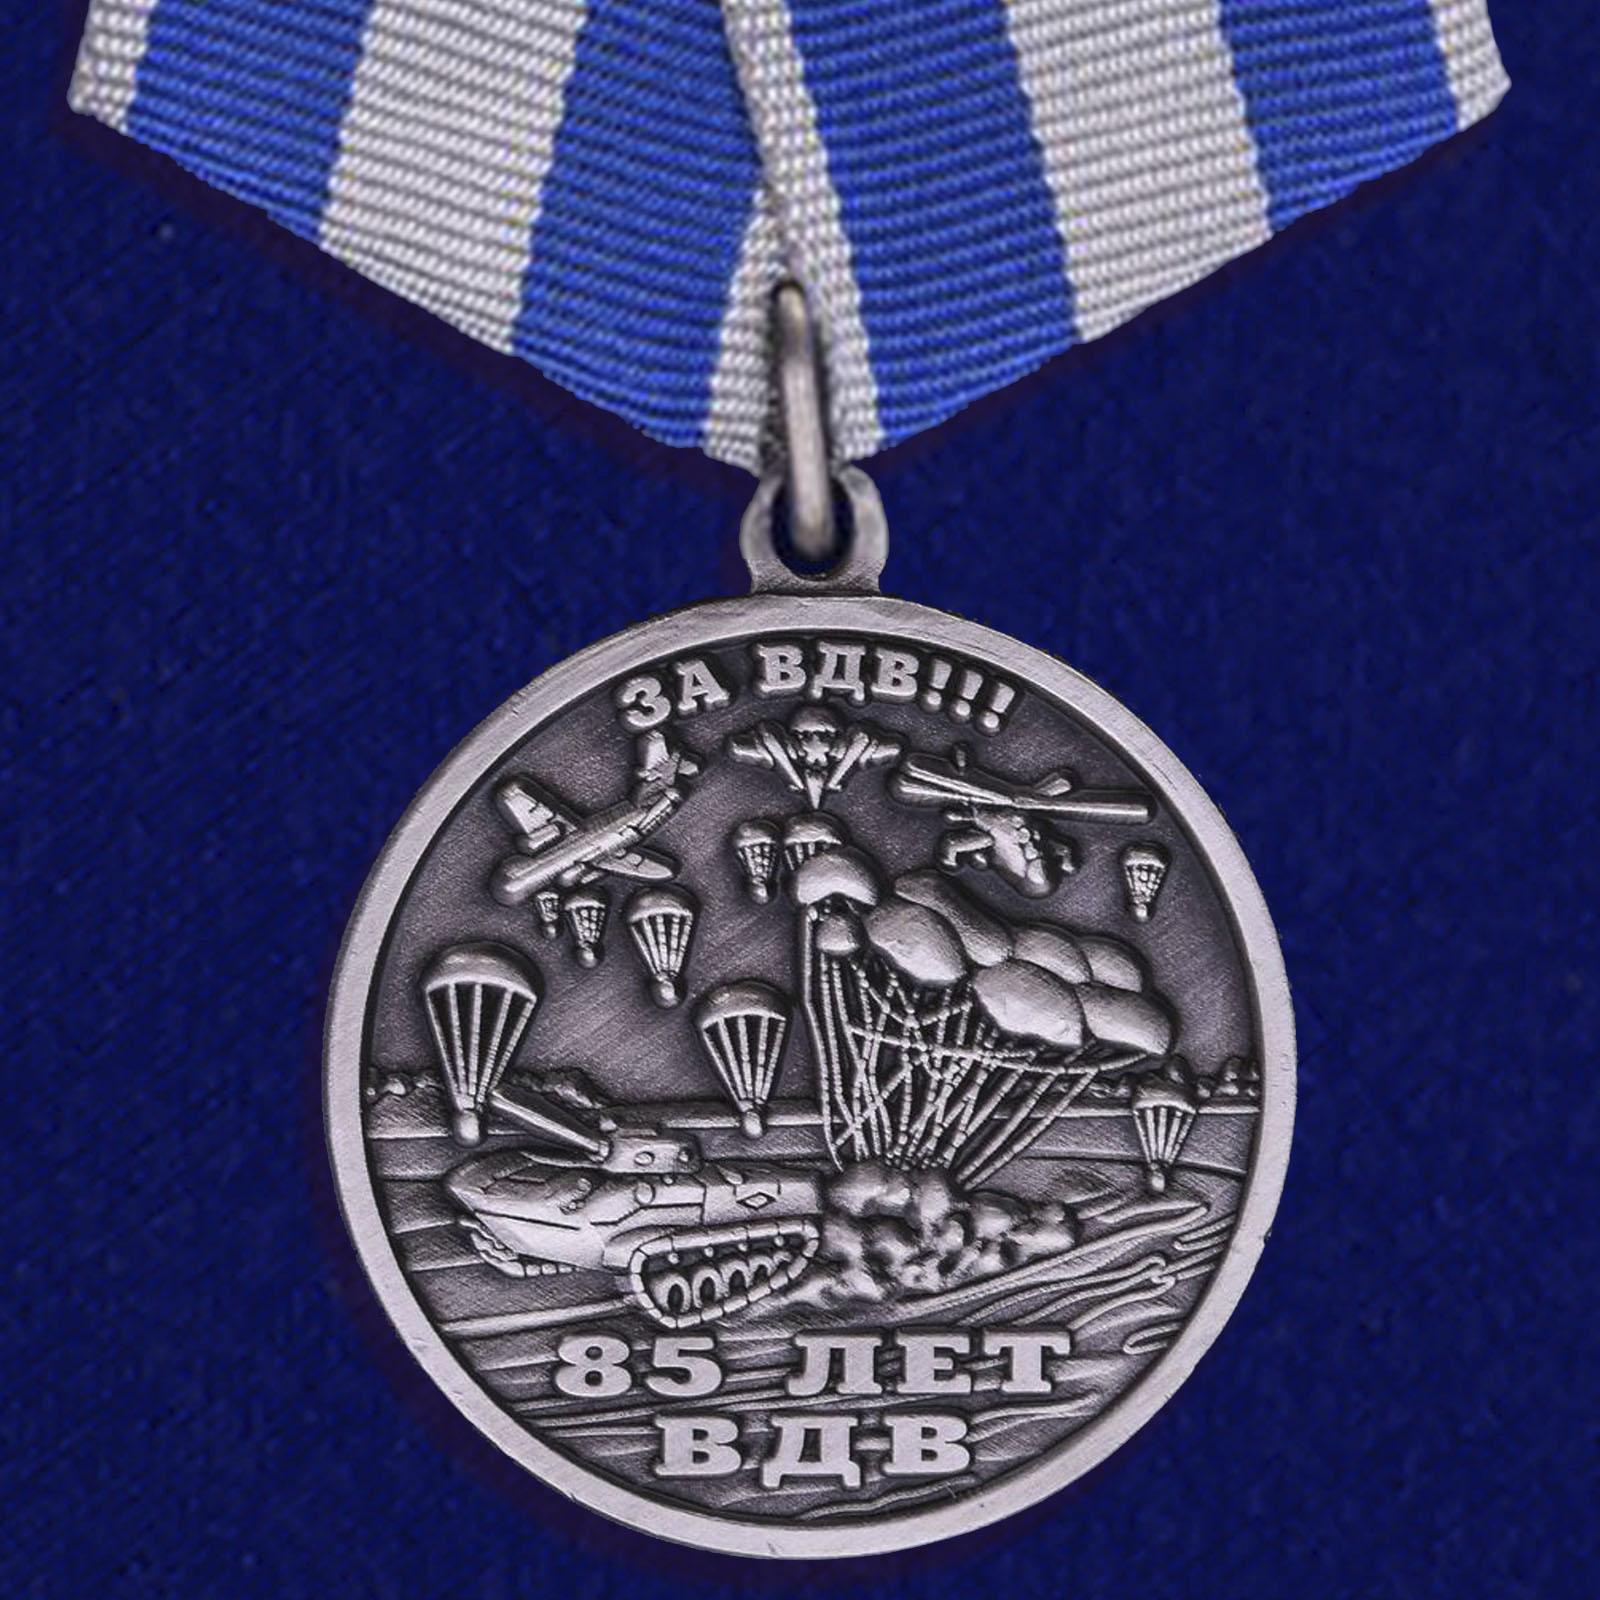 Купить медаль ВДВ – Никто кроме нас на подставке по лучшей цене